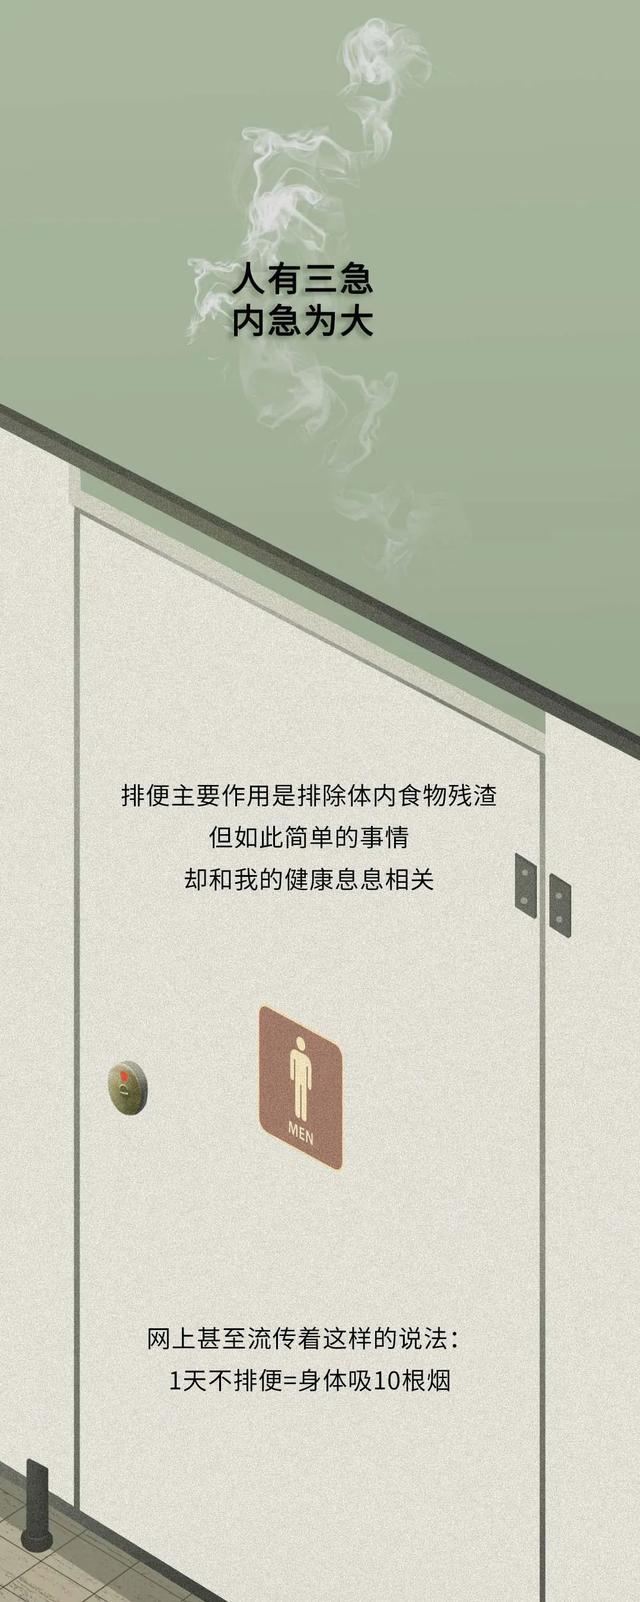 """菊漫画,漫画科普:终点""""菊""""部地区,沿途""""肠""""路!"""